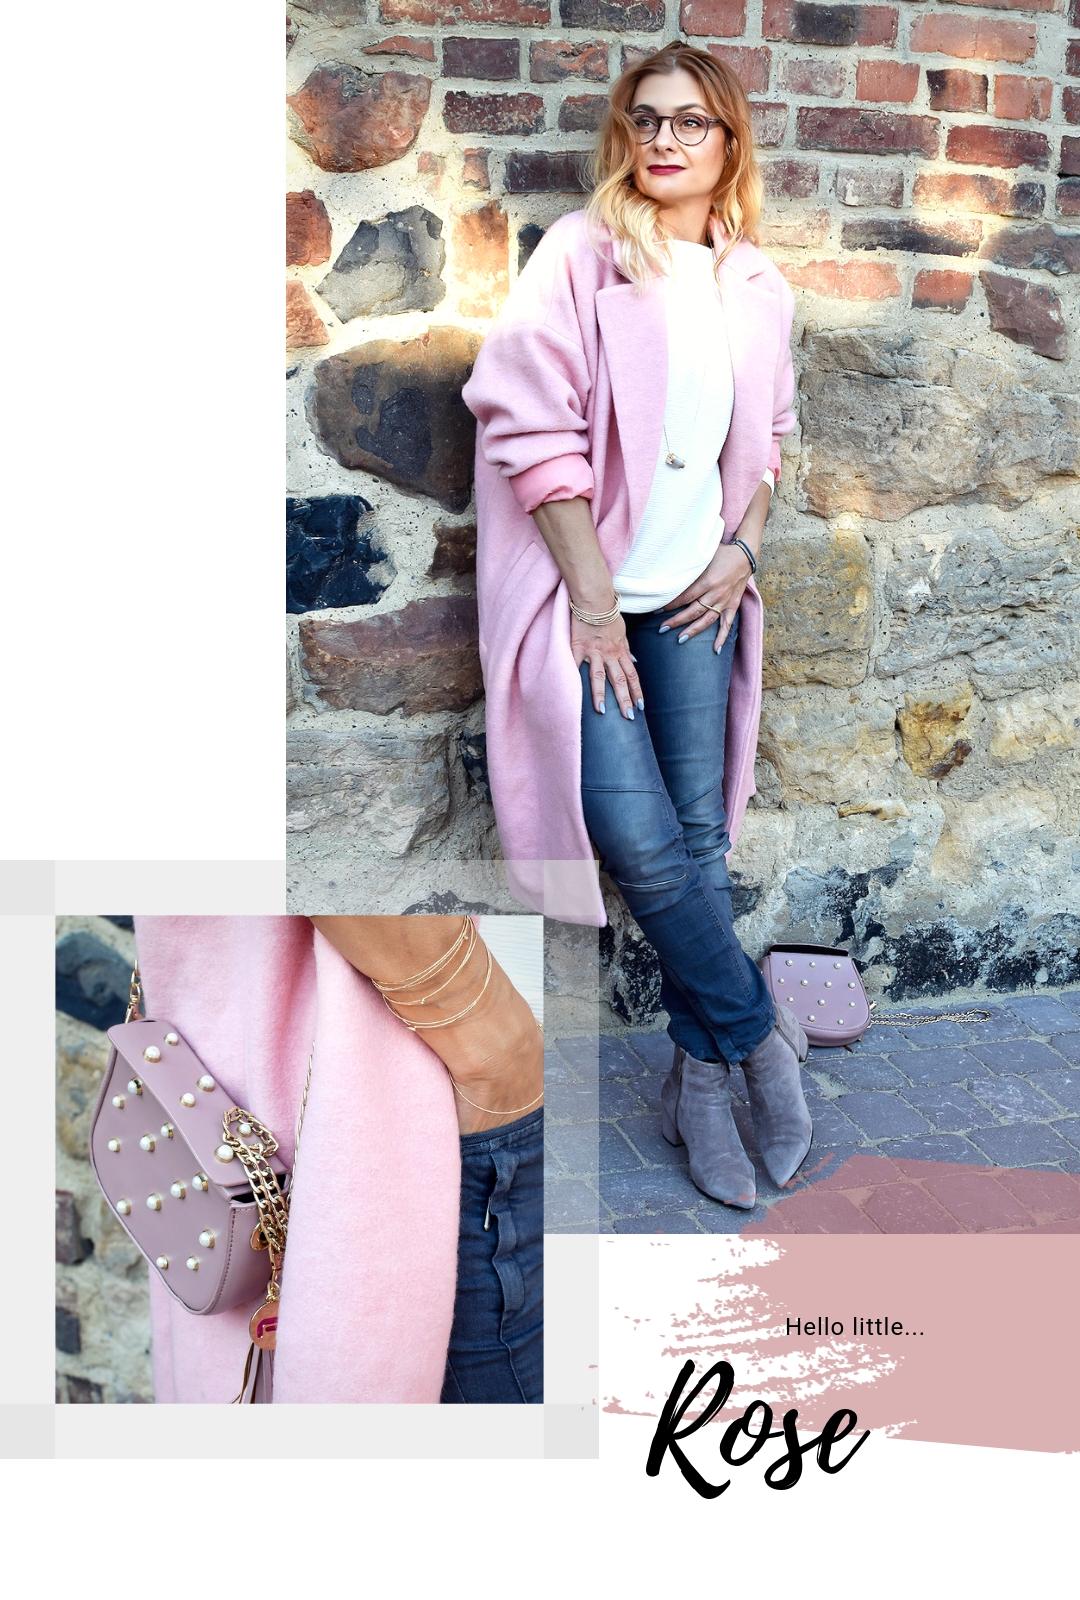 Rosa Mantel zu grauer Jeans, welche Farben passen am besten zu Rosa